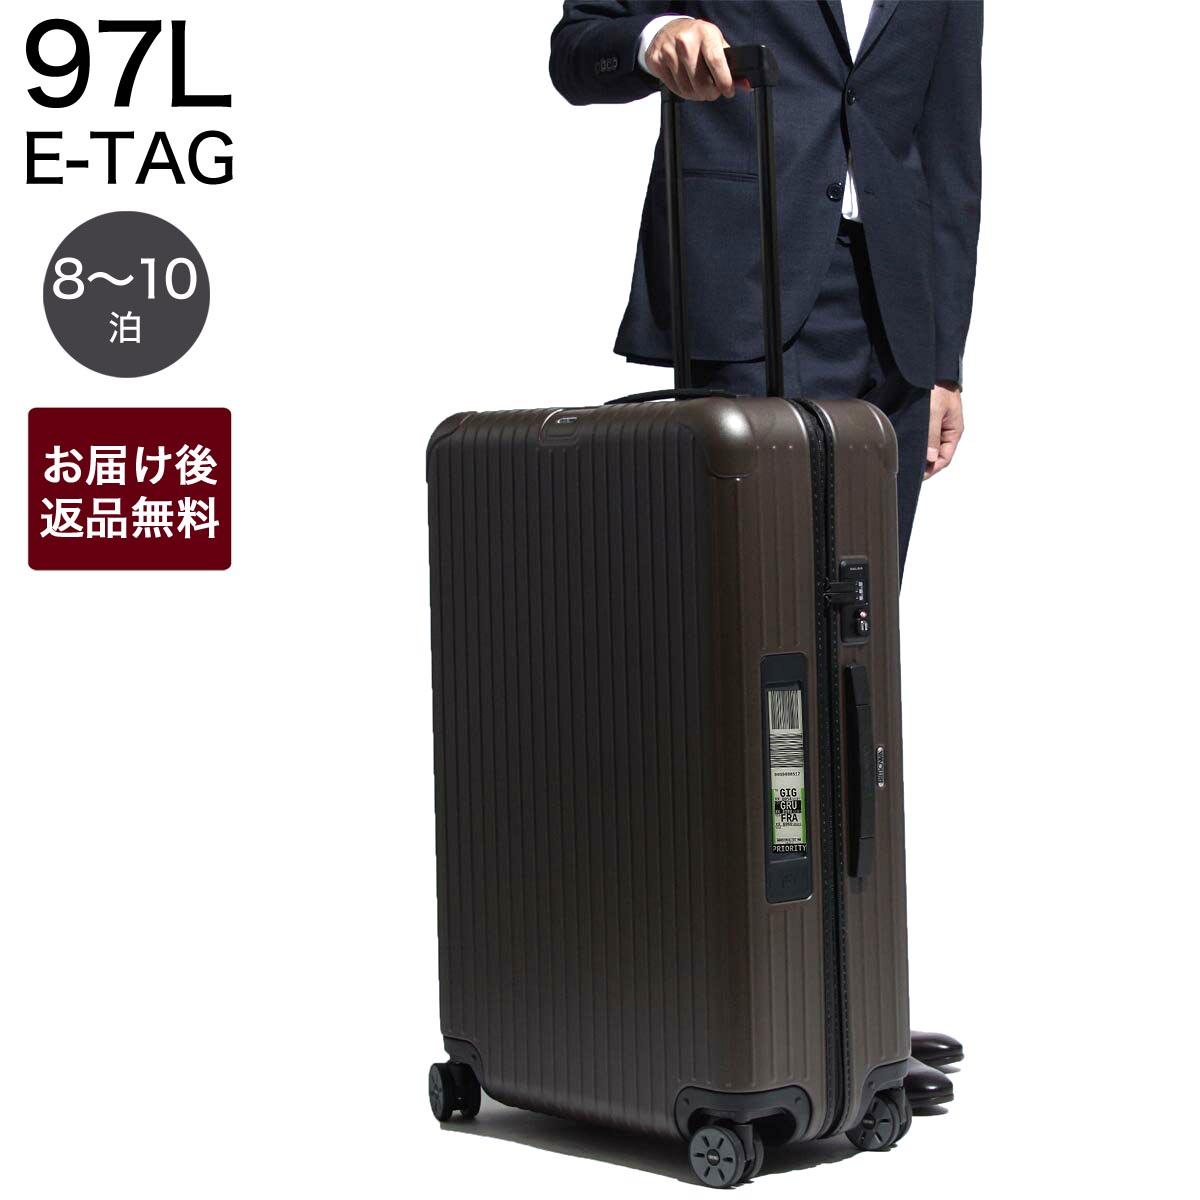 リモワ RIMOWA スーツケース 電子タグ仕様 キャリーケース ブラウン メンズ レディース 旅行 出張 トラベル 大容量 811.77.38.5 SALSA 77 E-TAG サルサ 97L【返品送料無料】【180809】